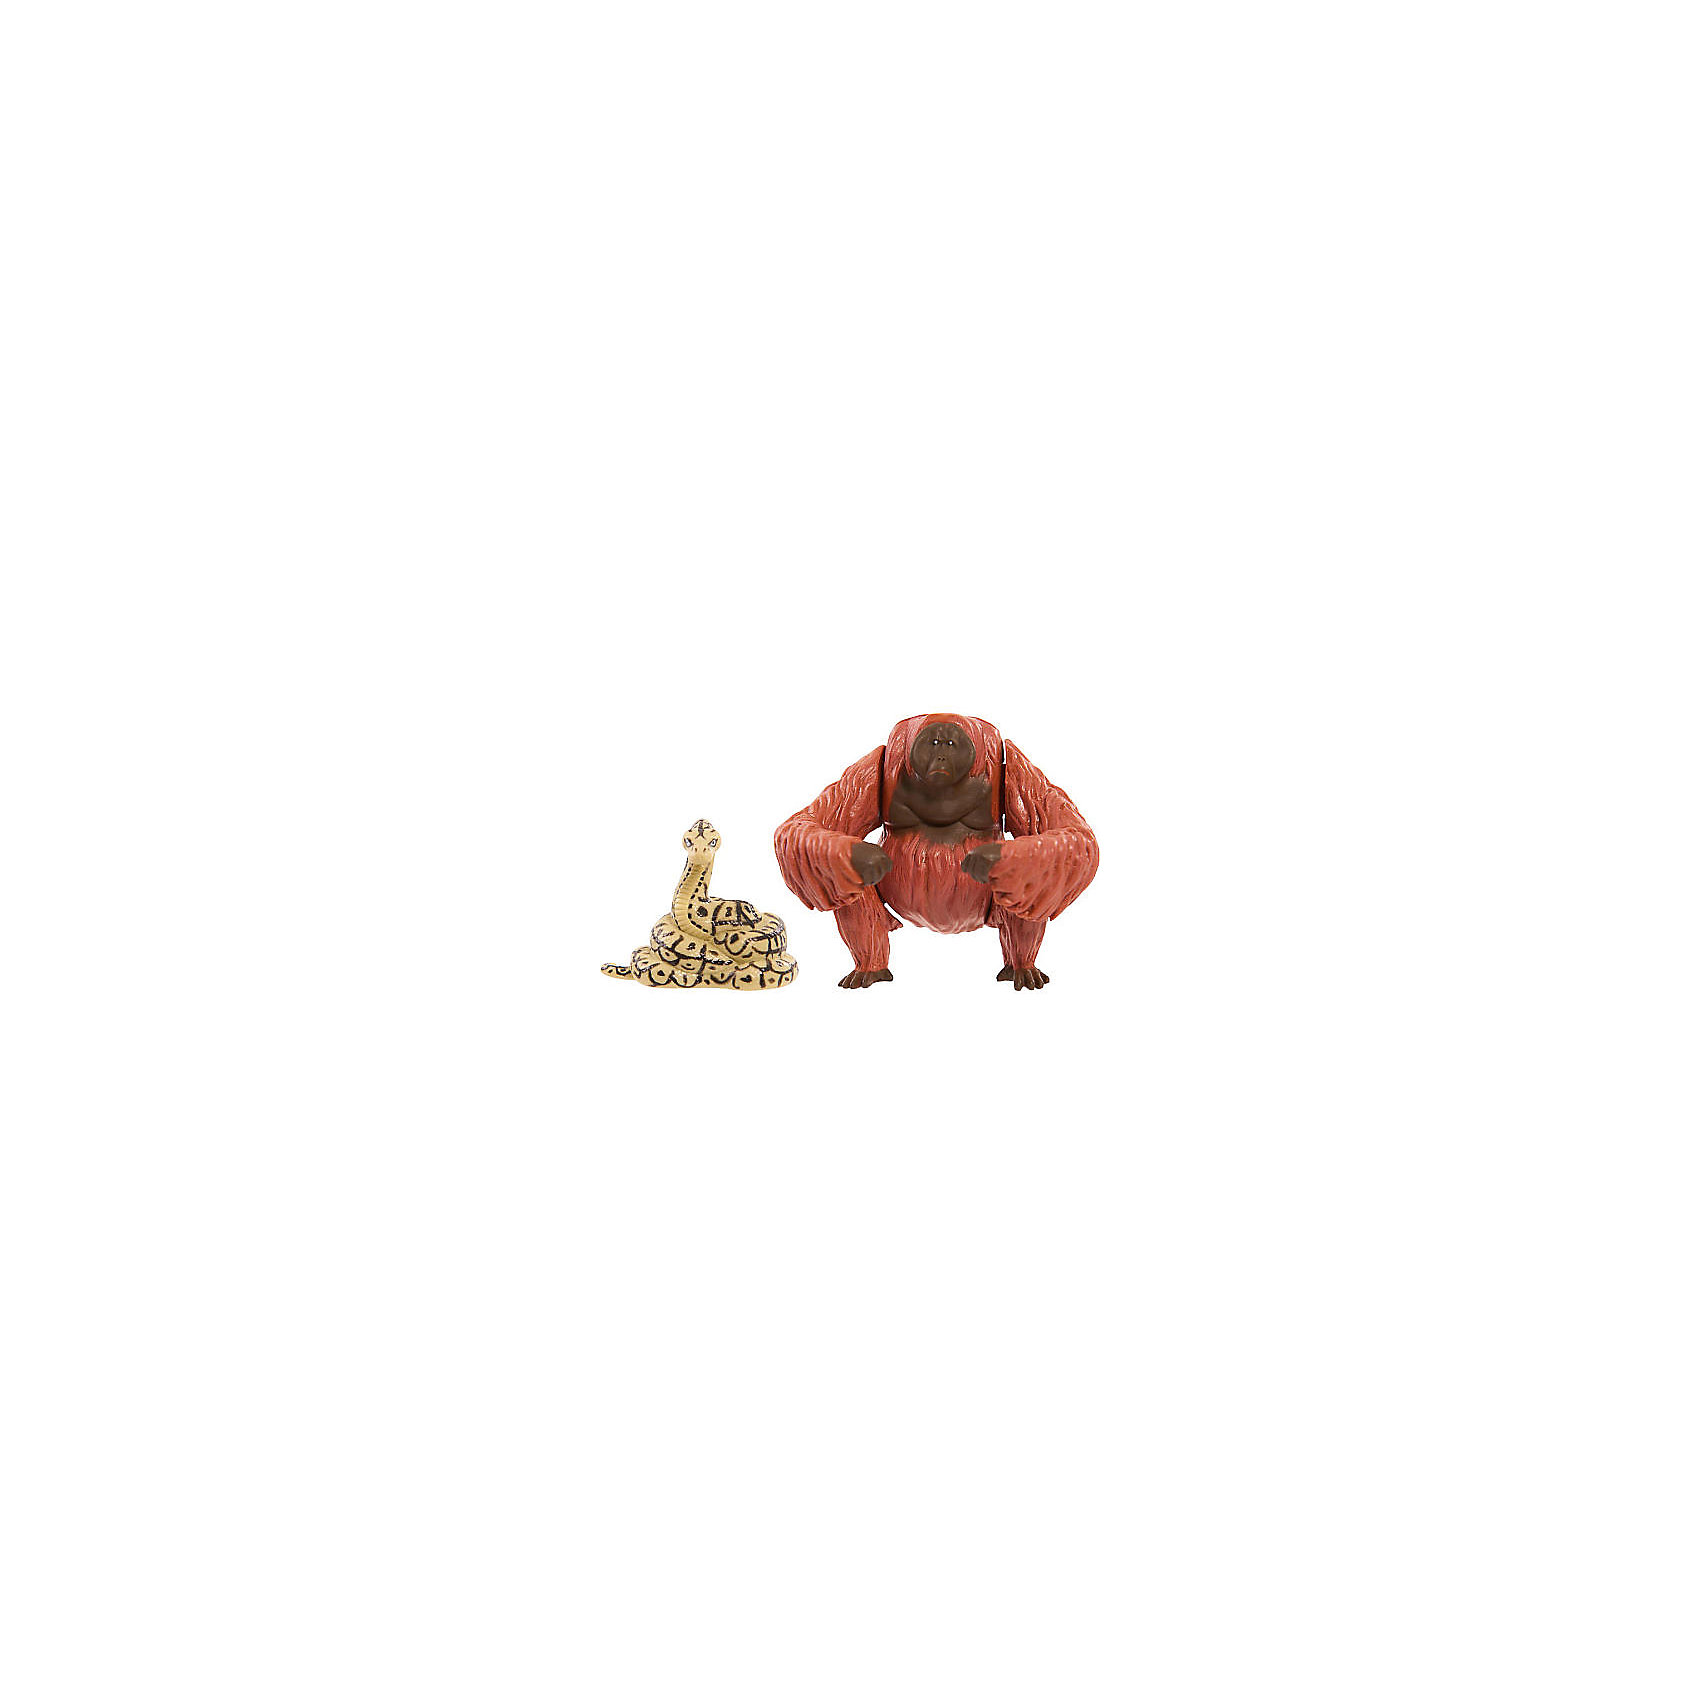 Фигурки Книга Джунглей - Обезьяна Король Луи и питон Каа.Мир животных<br>Характеристики товара:<br><br>- цвет: разноцветный;<br>- материал: пластик;<br>- размер упаковки: 20х8х21см;<br>- вес: 230 г;<br>- комплект: 2 фигурки.<br><br>Играть с фигурками из любимого фильма - вдвойне интереснее! Фигурки героев Книги Джунглей очень красивые, они хорошо детализированы. Каждая фигурка отлично выполнена, поэтому она станет желанным подарком для ребенка. Такое изделие отлично тренирует у ребенка разные навыки: играя с фигурками, ребенок развивает мелкую моторику, цветовосприятие, внимание, воображение и творческое мышление. В наборе - 2 фигурки.<br>Из этих фигурок можно собрать целую коллекцию! Изделие произведено из высококачественного материала, безопасного для детей.<br><br>Игрушку Обезьяна от бренда Jungle Book можно купить в нашем интернет-магазине.<br><br>Ширина мм: 210<br>Глубина мм: 200<br>Высота мм: 80<br>Вес г: 230<br>Возраст от месяцев: 36<br>Возраст до месяцев: 2147483647<br>Пол: Унисекс<br>Возраст: Детский<br>SKU: 5140208